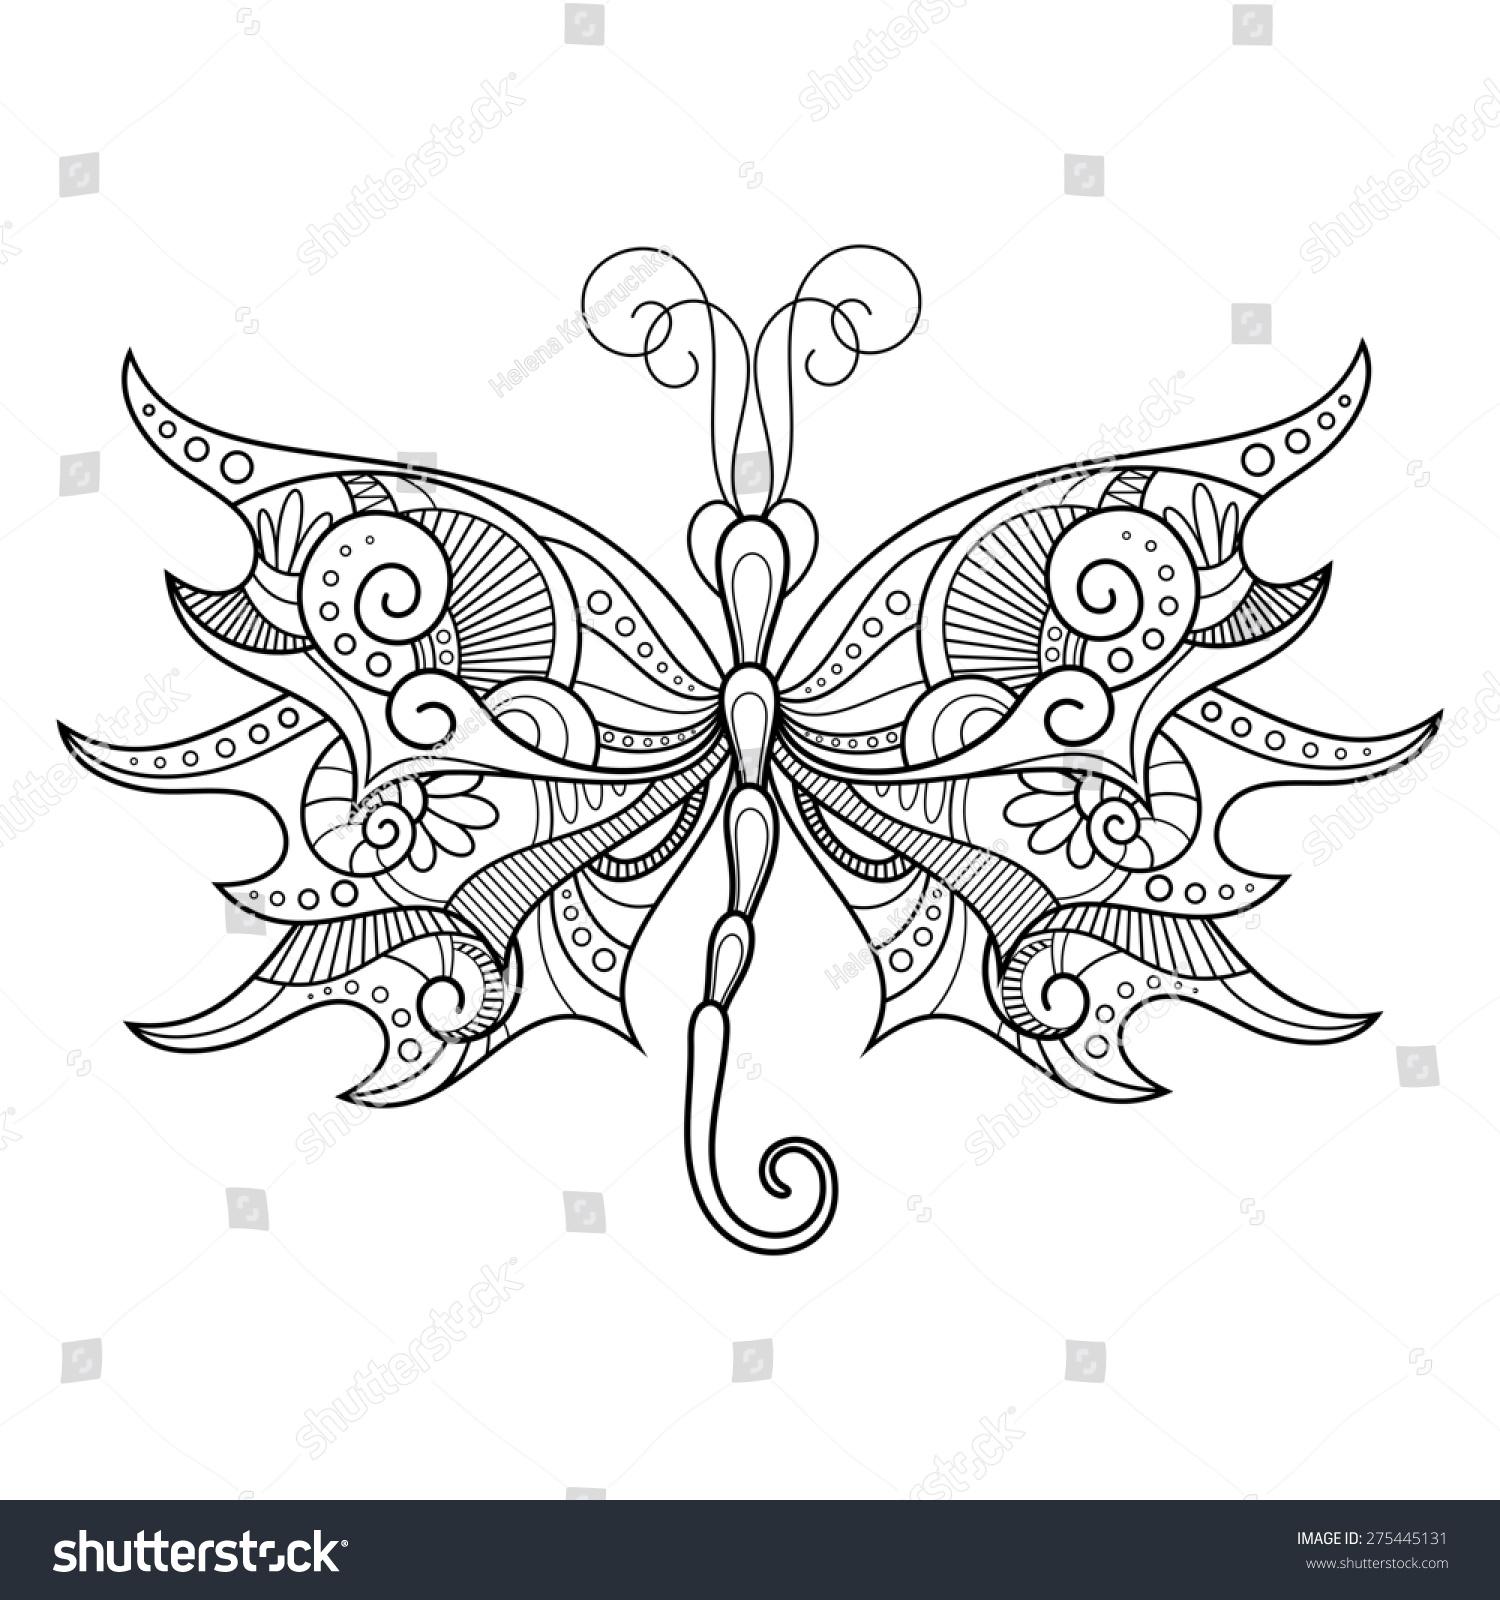 抽象的蜻蜓在白色背景.图案设计,纹身-动物/野生生物